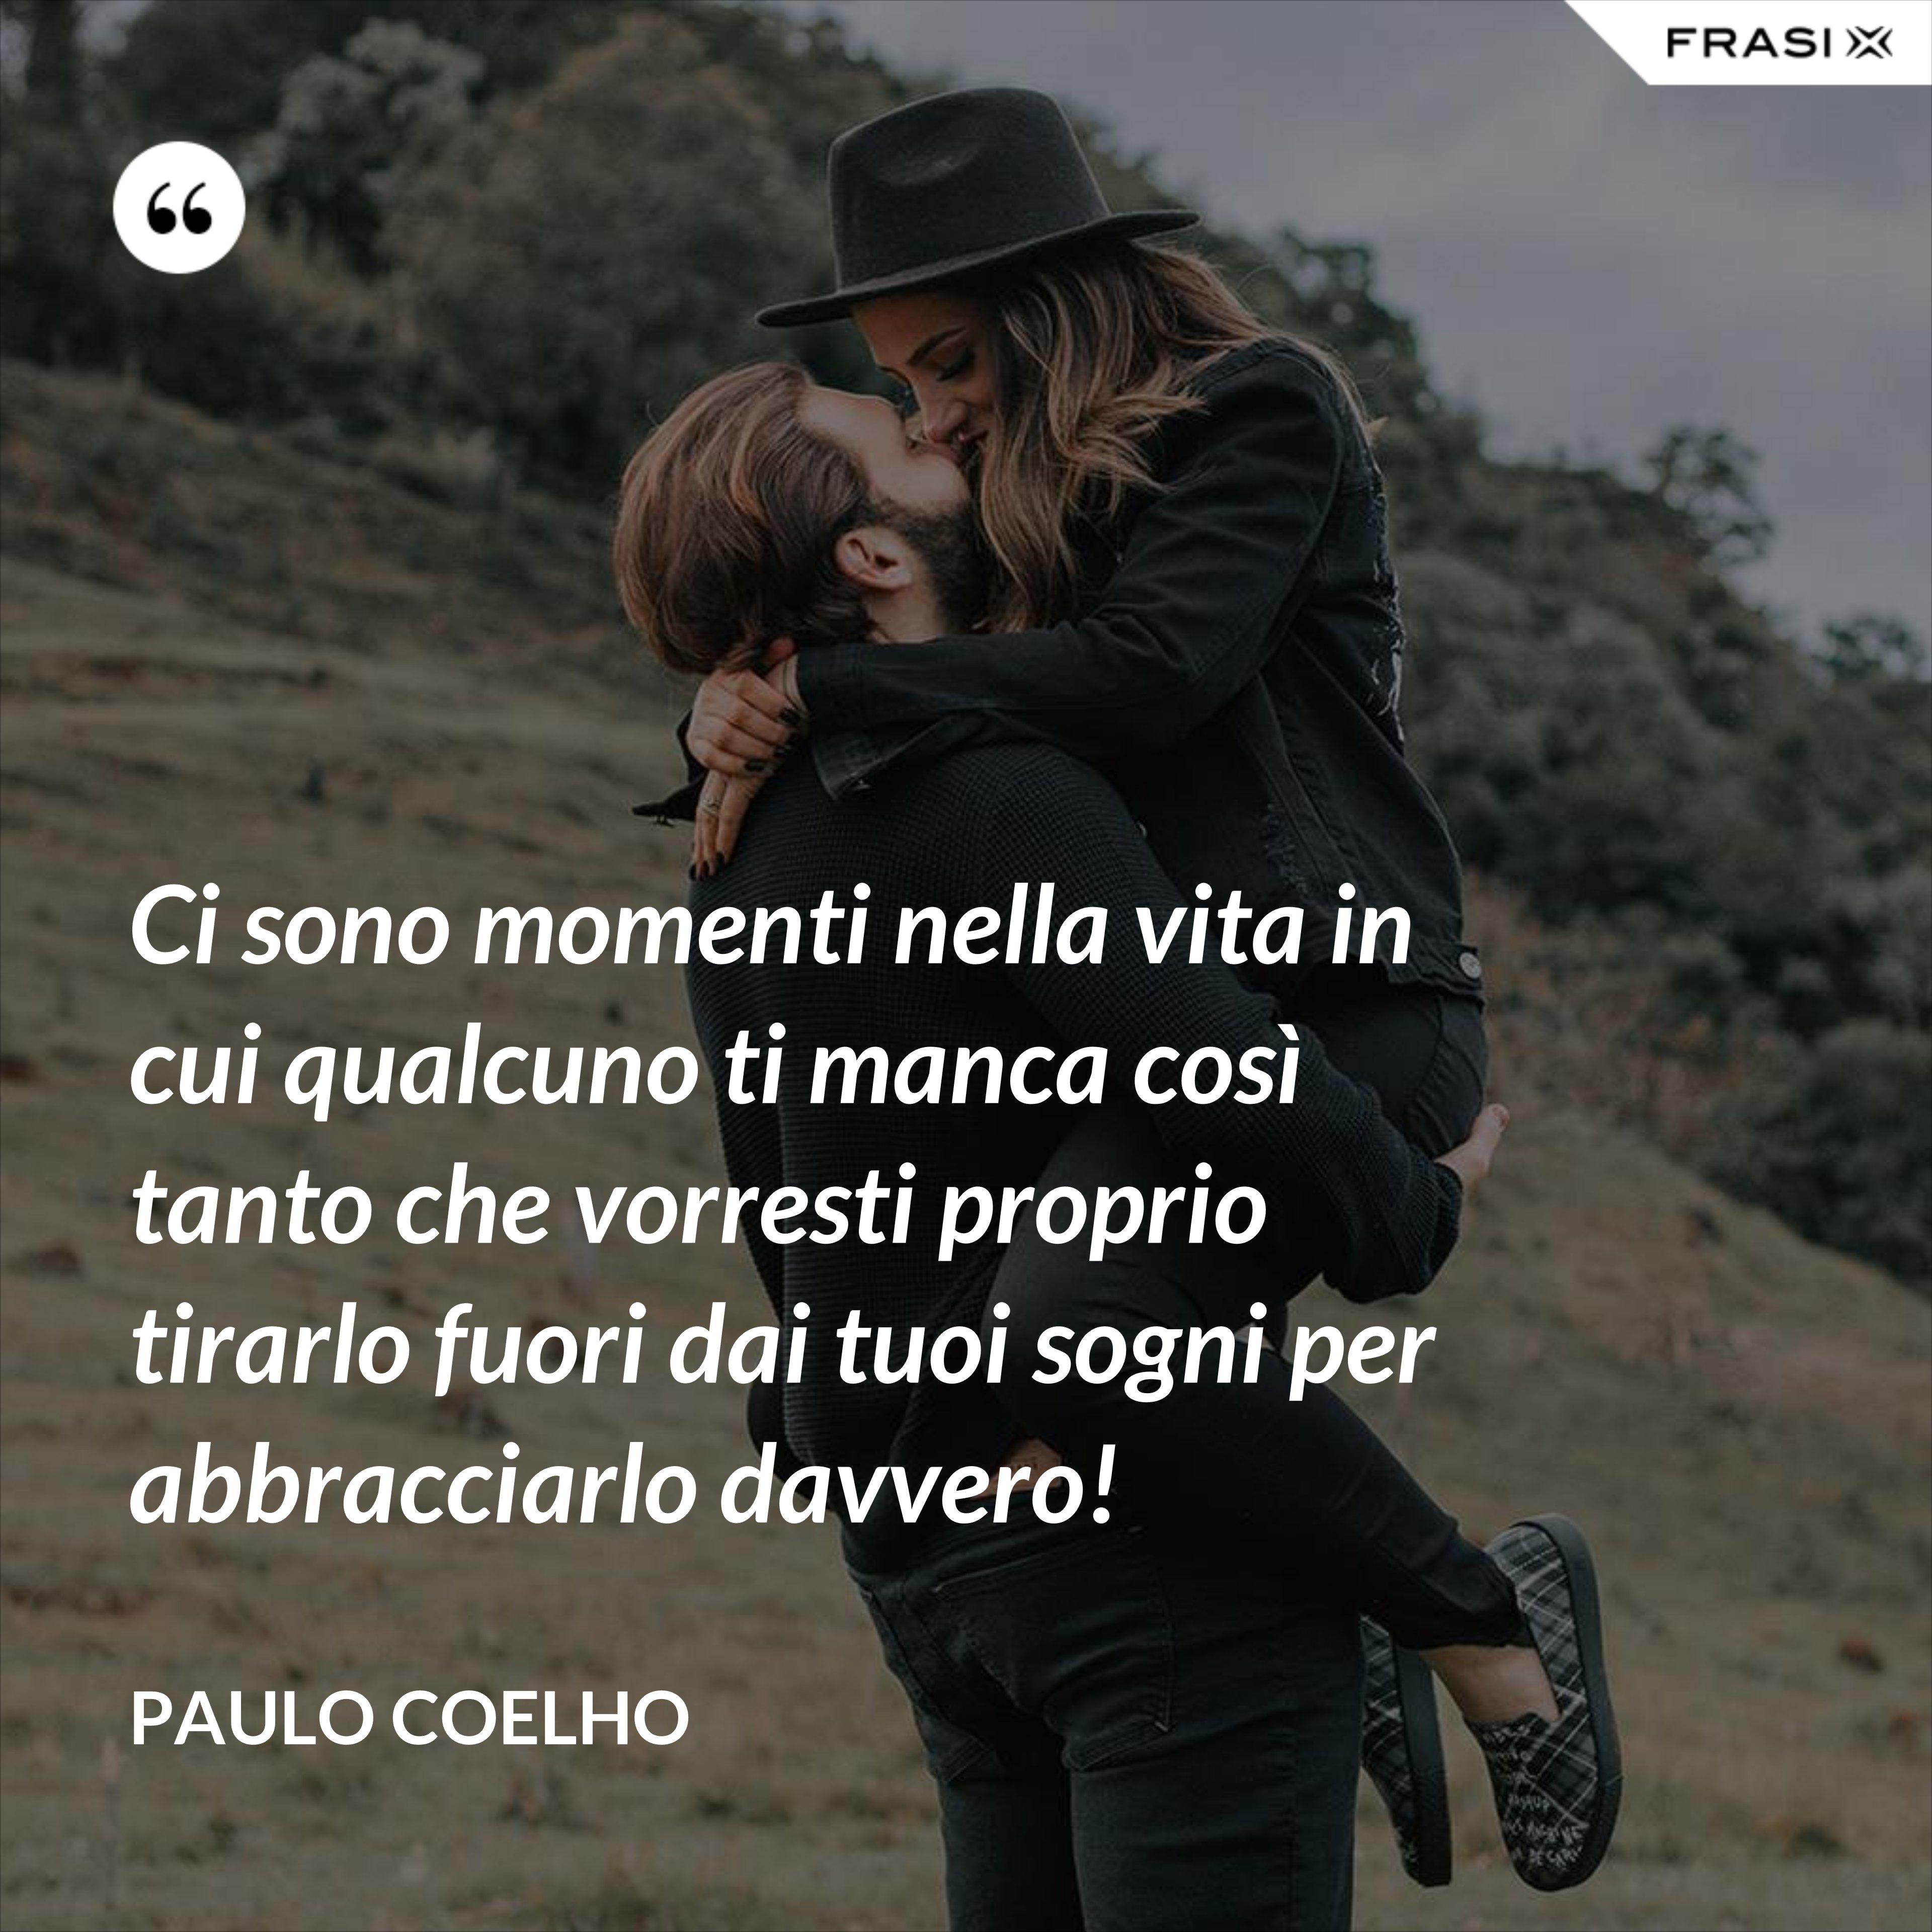 Ci sono momenti nella vita in cui qualcuno ti manca così tanto che vorresti proprio tirarlo fuori dai tuoi sogni per abbracciarlo davvero! - Paulo Coelho